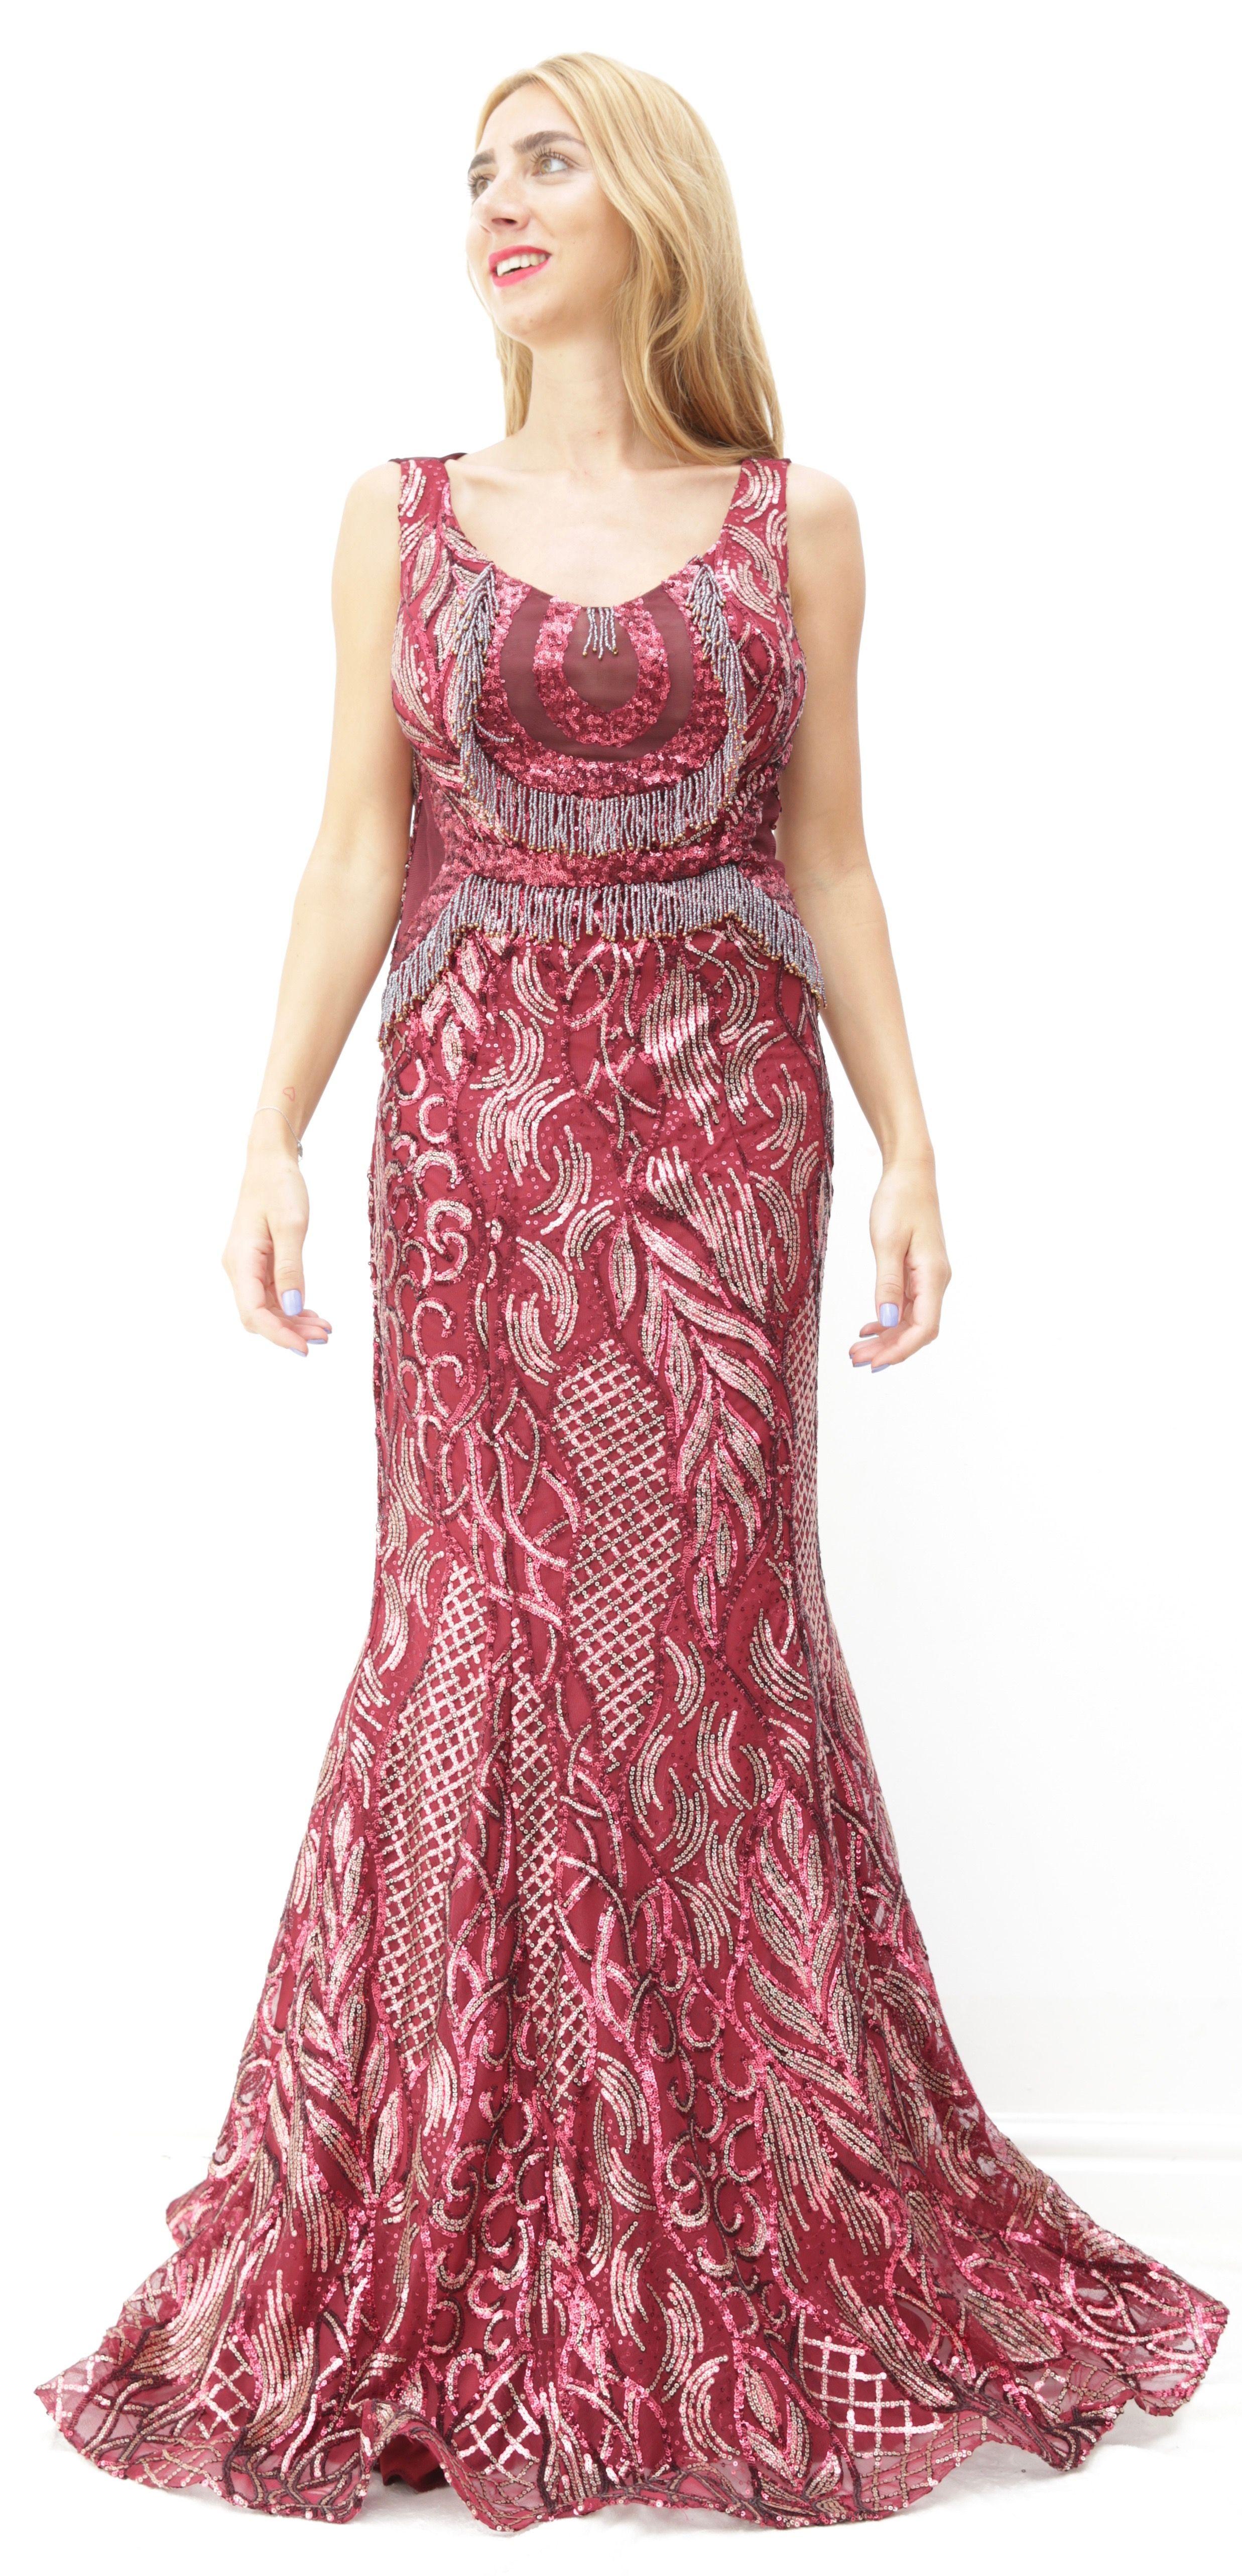 e91507248d2 Sortez la femme glamour et chic en vous avec cette robe bordeaux à sequins  en forme